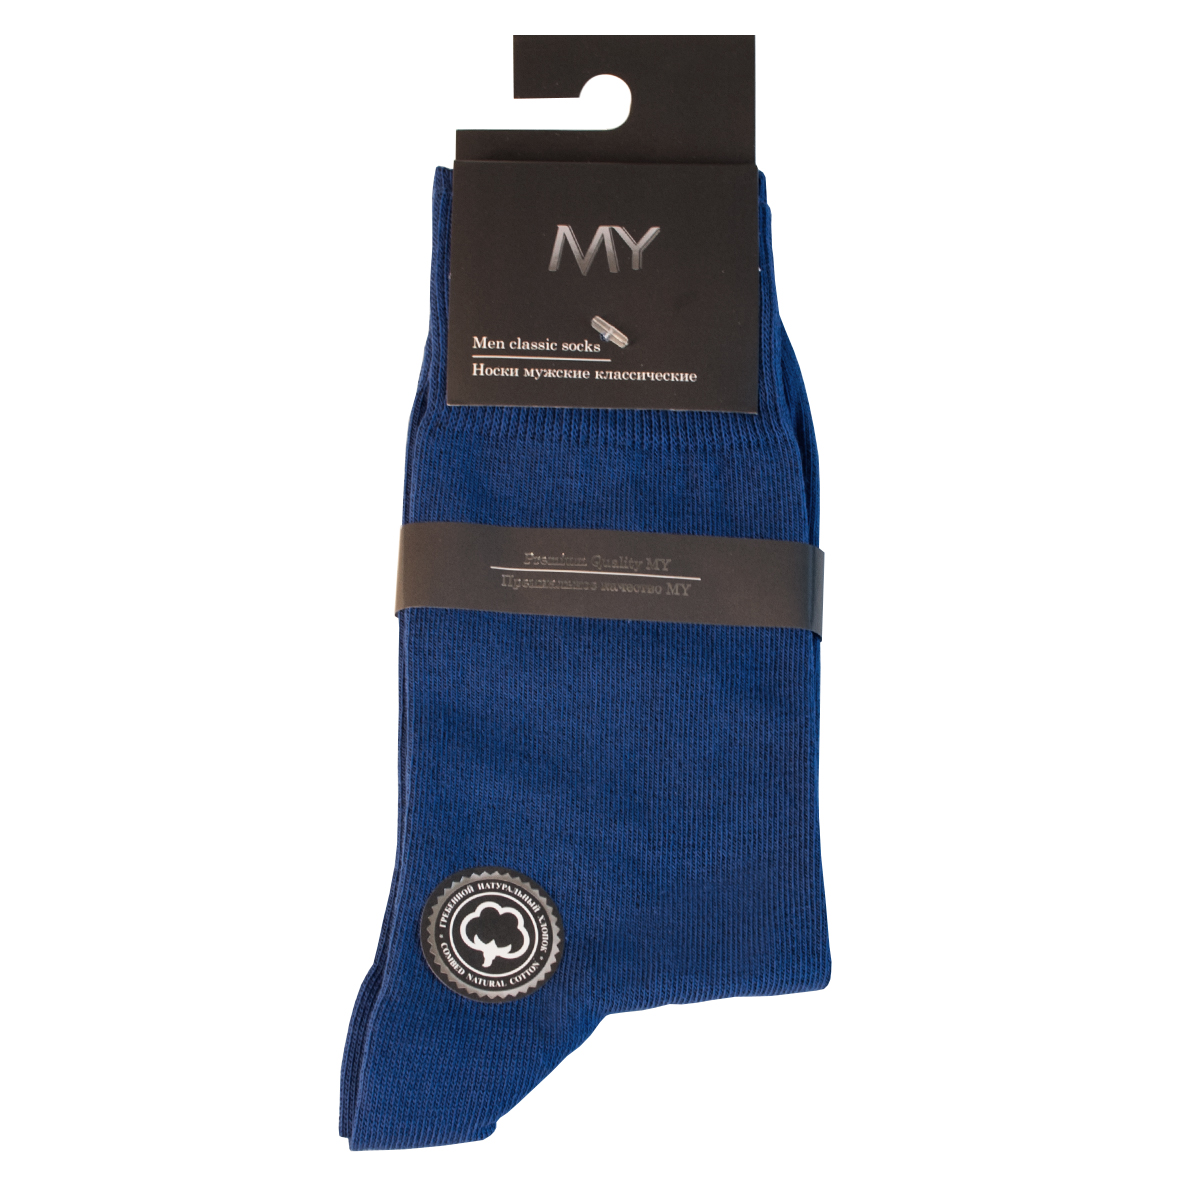 Носки мужские Mirey, цвет: темно-синий. MSC 004. Размер (41/43)MSC 004Классические мужские носки от Mirey выполнены из мерсеризованного хлопка. Усиленный мысок и пятка, комфортная двойная резинка сетка, плоский шов.